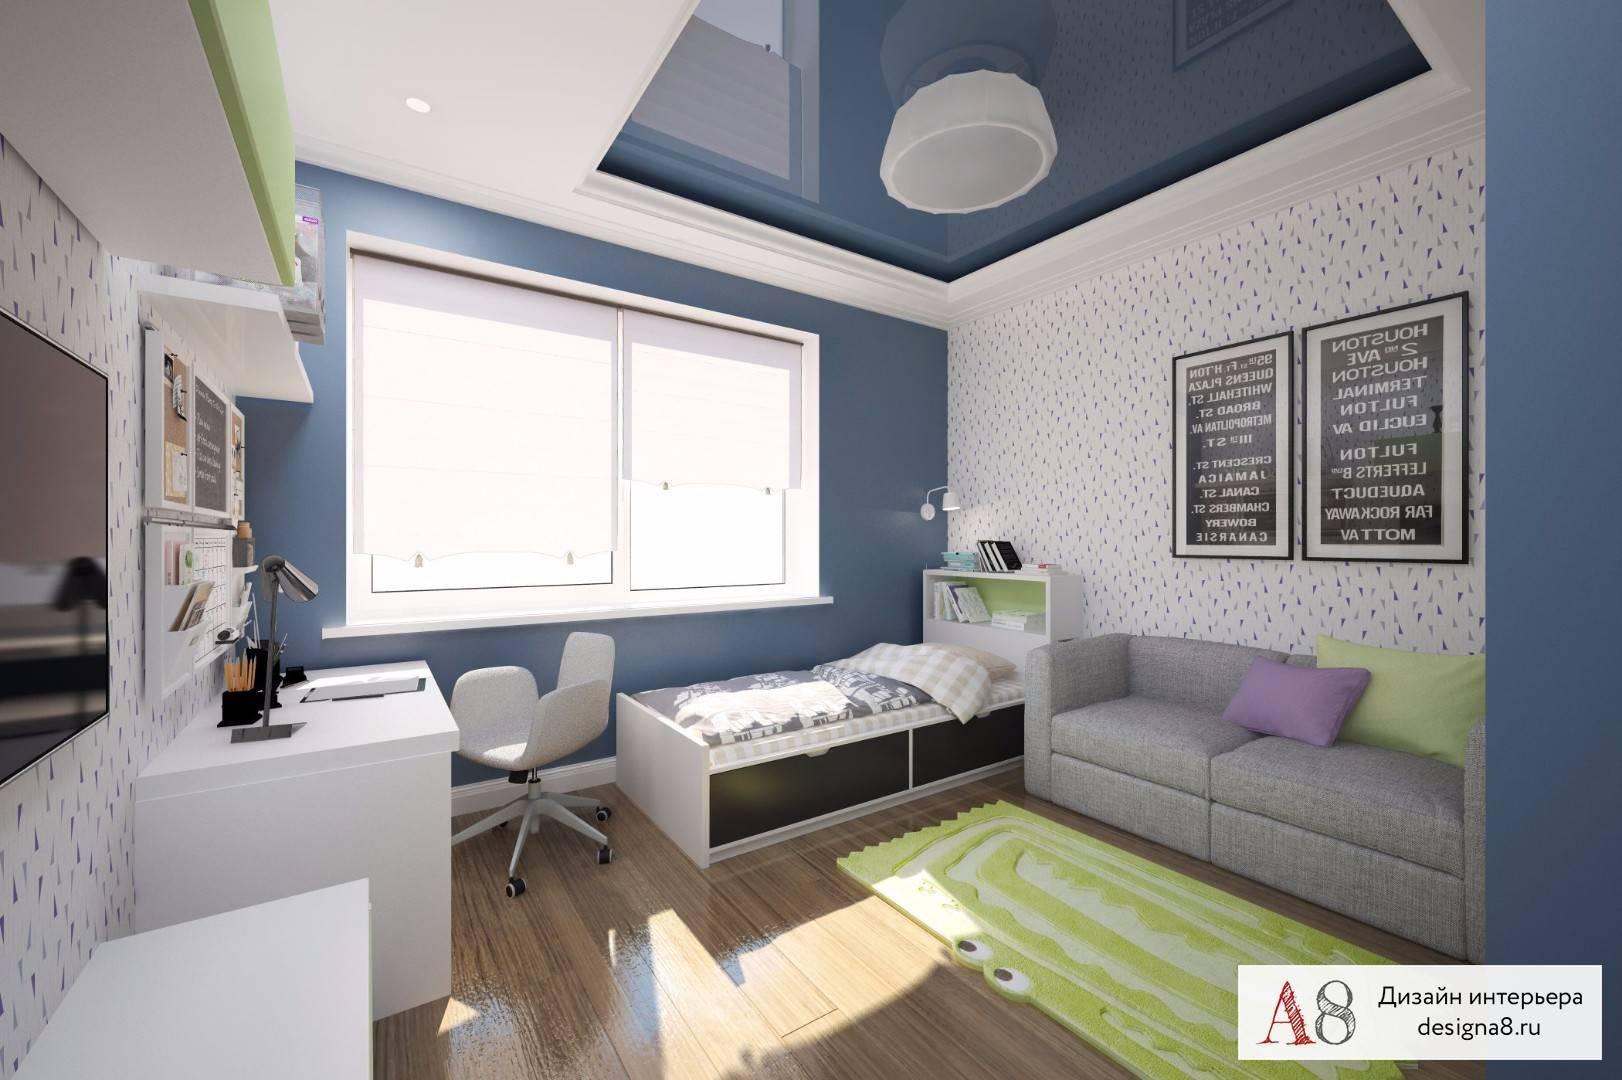 Дизайн интерьера комнаты 14 кв. м.: универсальные идеи оформления стильных и современных комнат (115 фото)